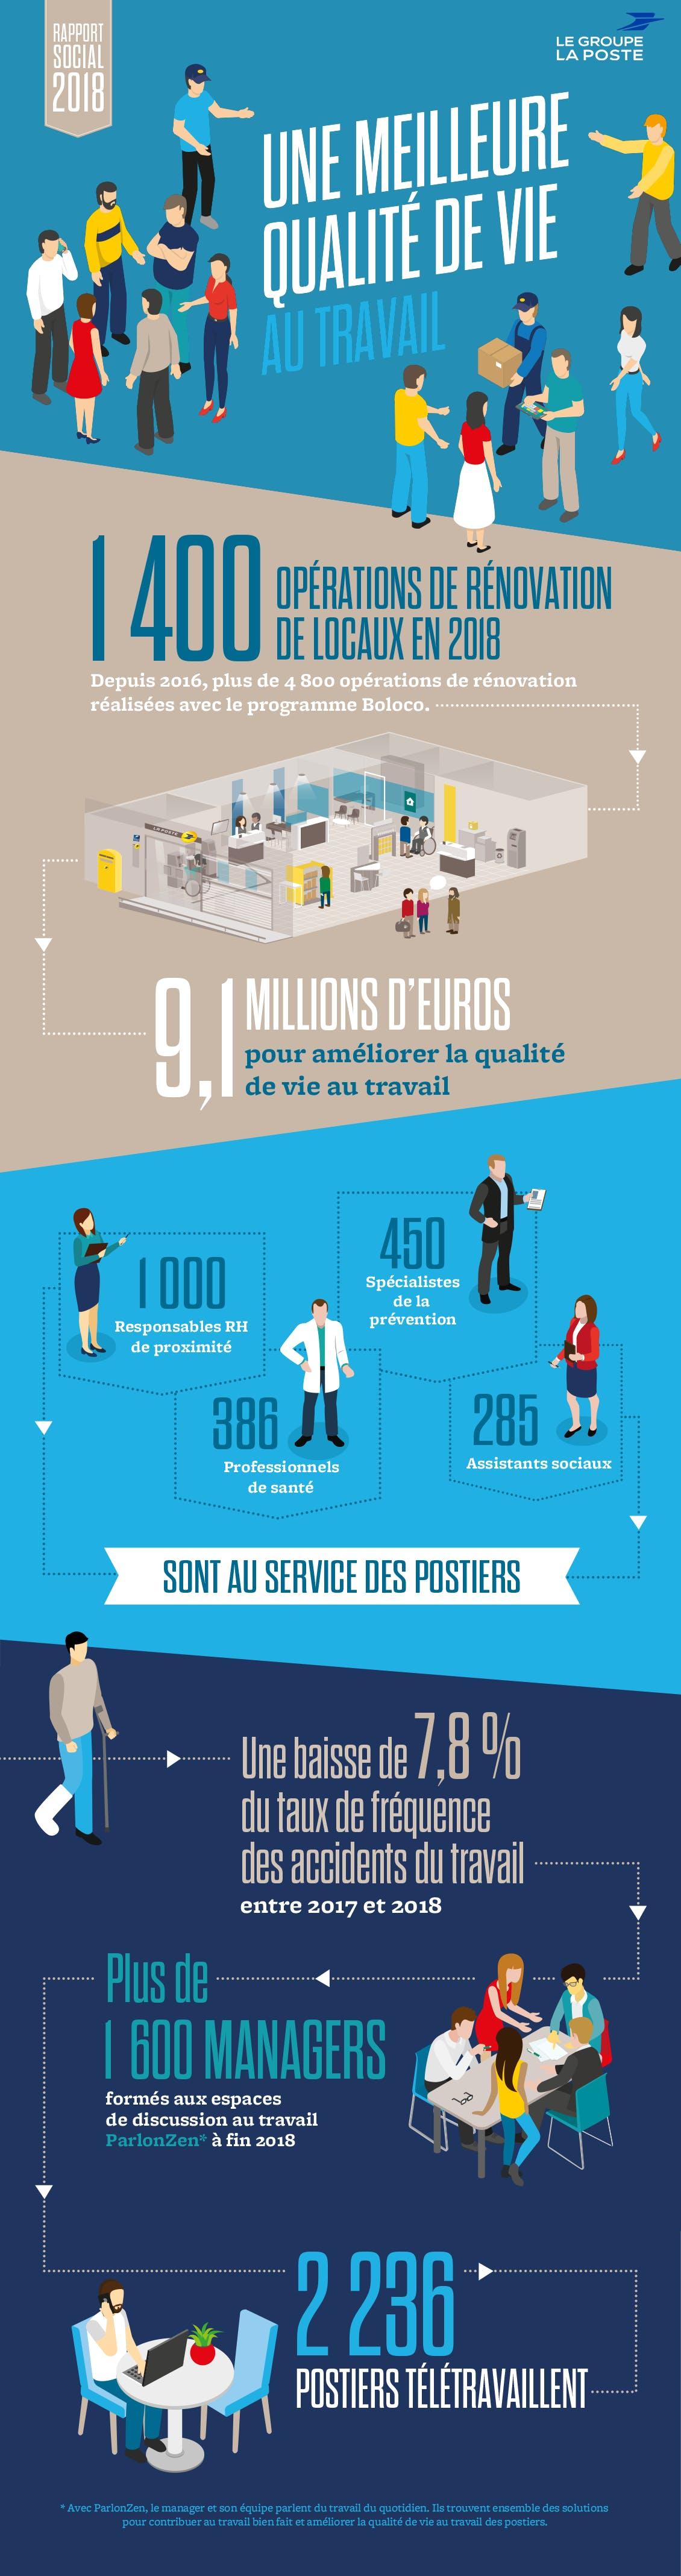 """Infographie avec les chiffres clés du Rapport social 2018 du Groupe La Poste sur le volet """"Qualité de vie au travail"""""""